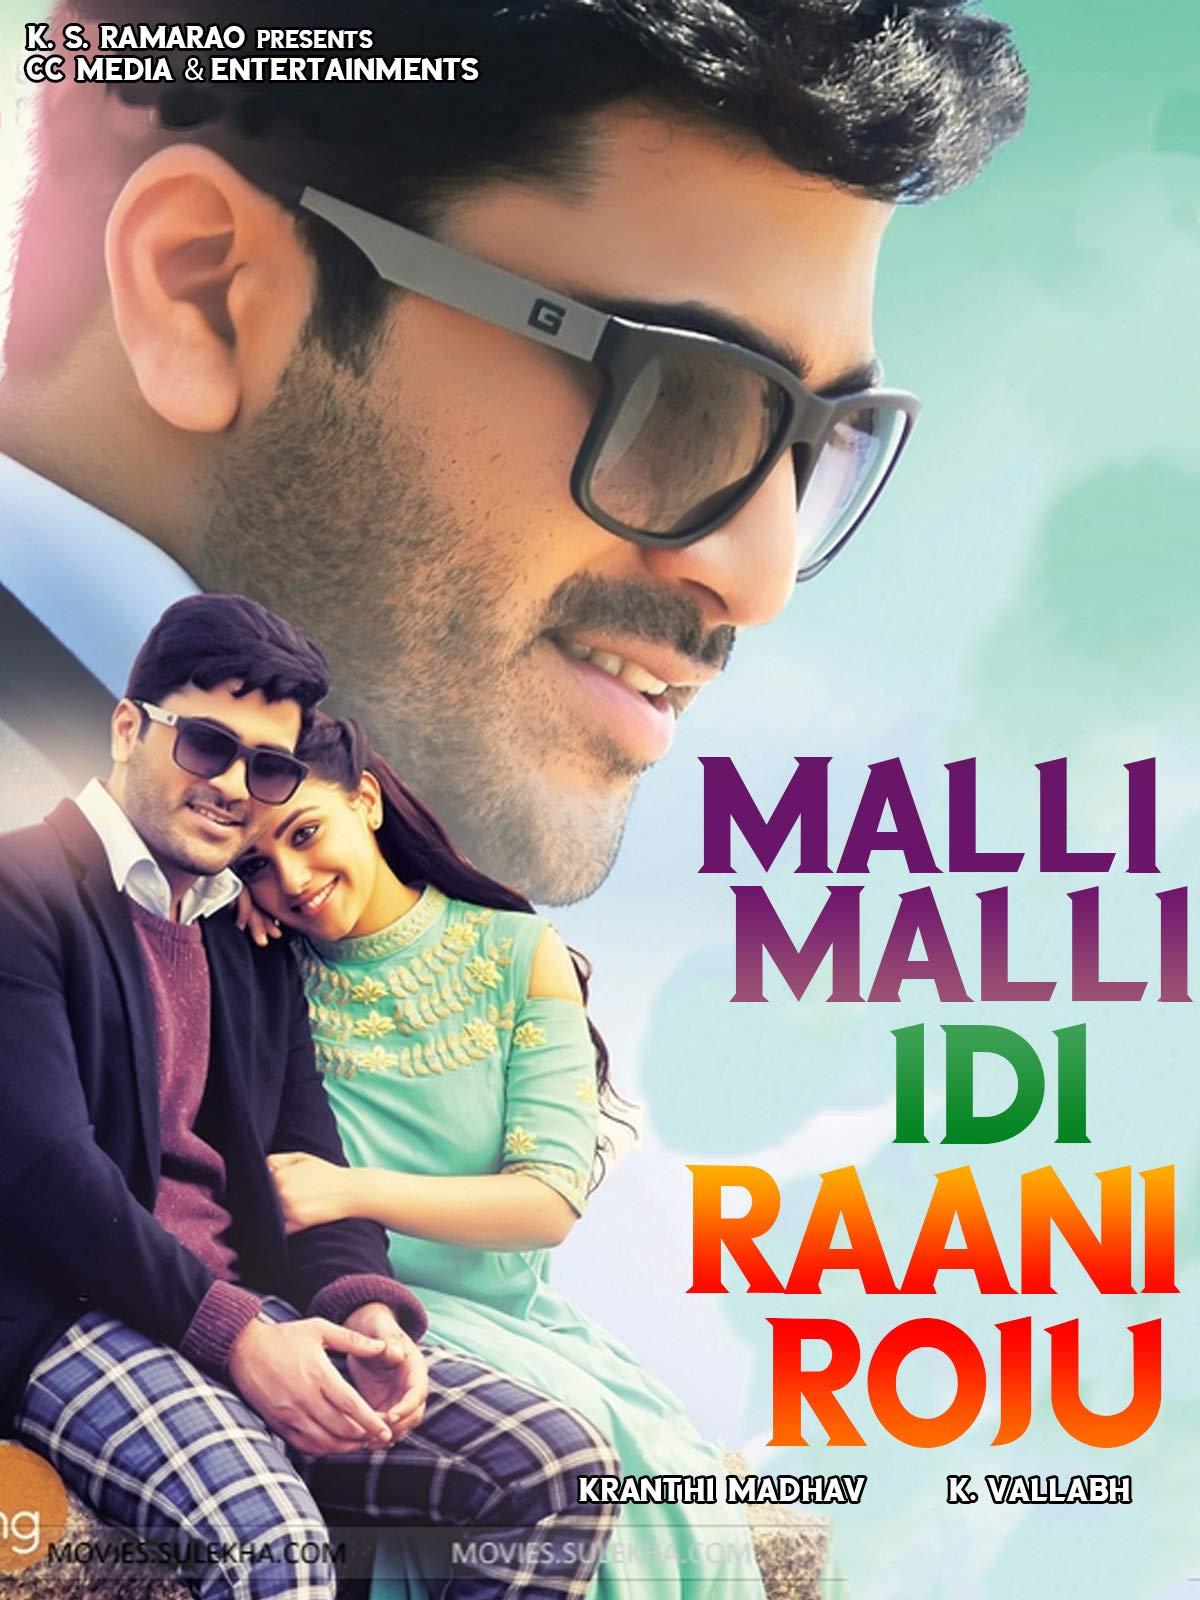 Malli Malli Idi Rani Roju (Real Diljala) 2020 Hindi Dual Audio 650MB UNCUT HDRip 720p HEVC x265 ESubs